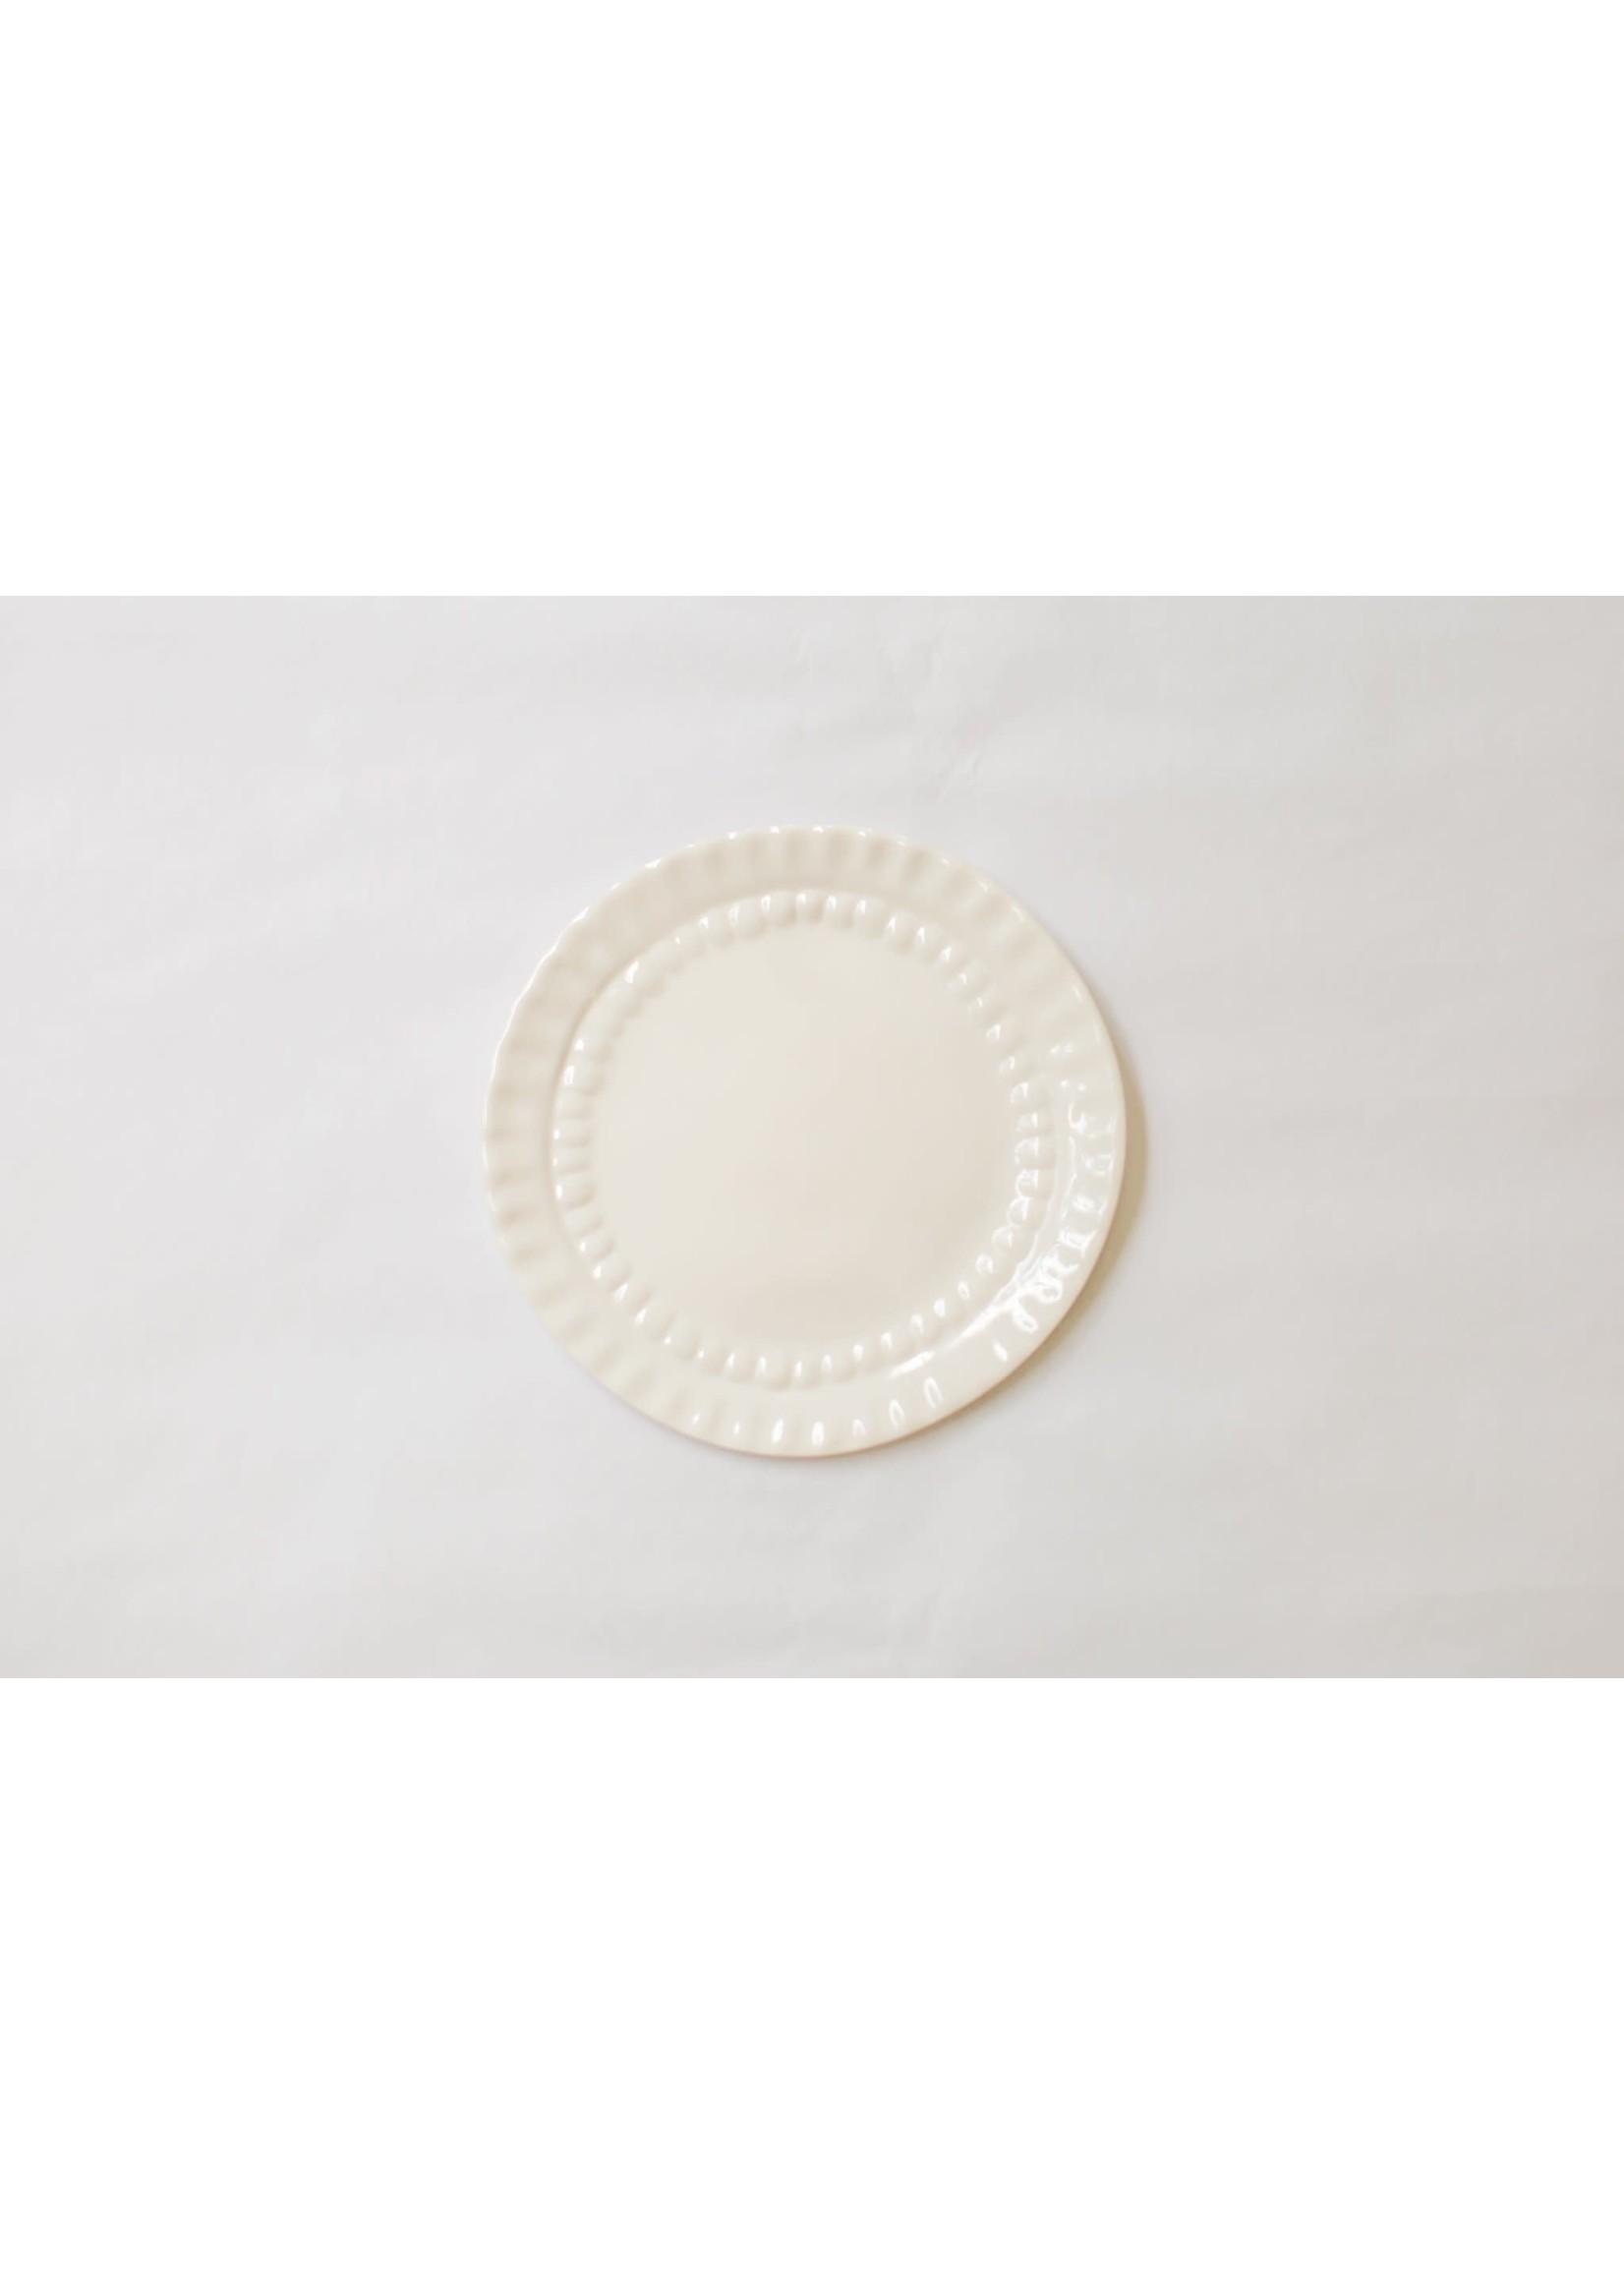 Relish Melamine - Canapé Plate Set - Cream